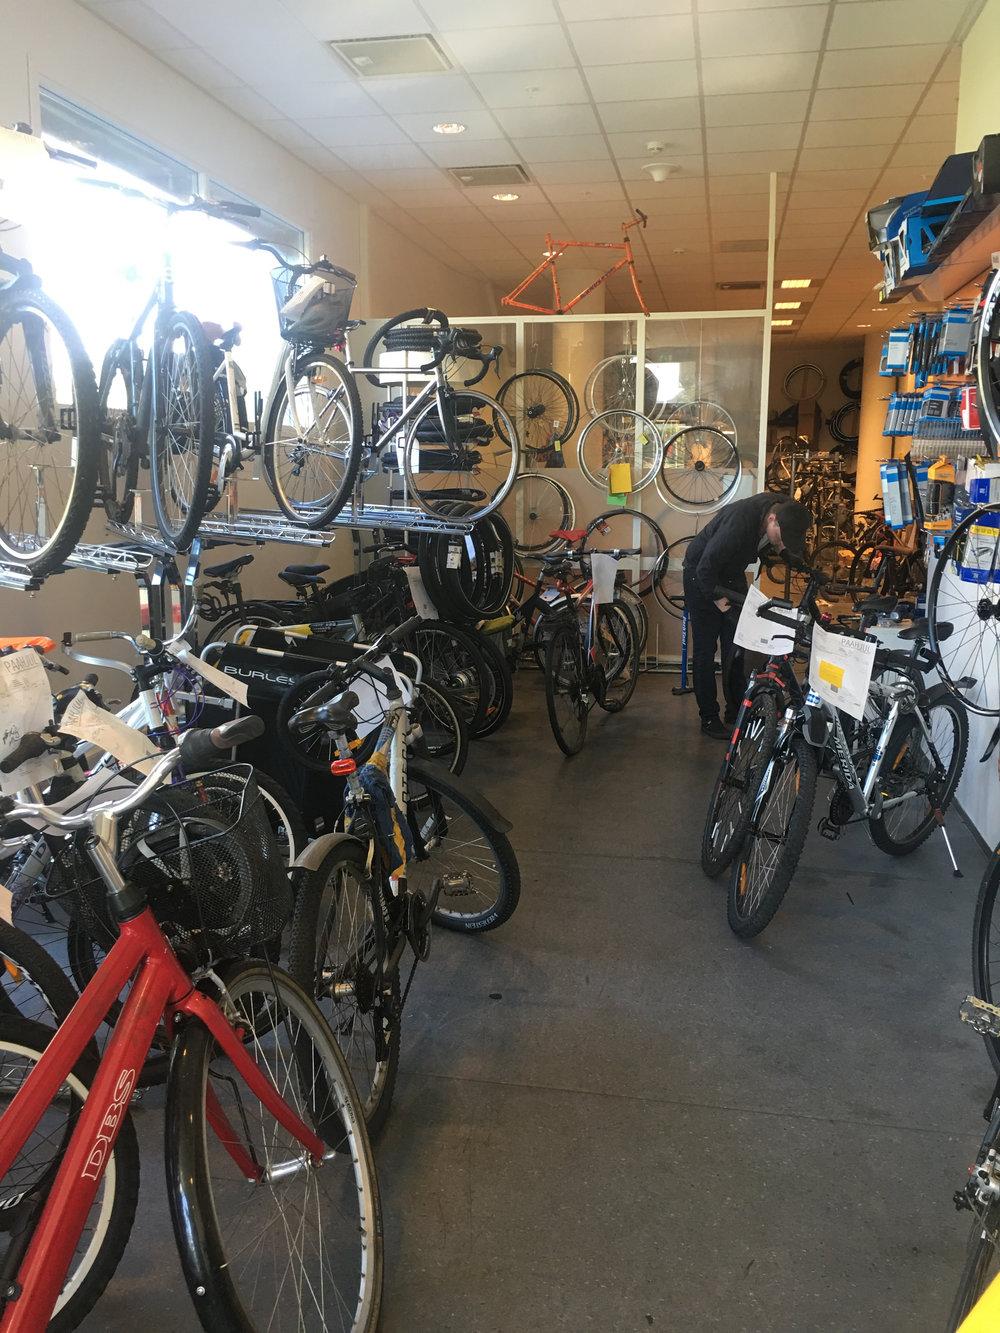 JOBB MED MENING: Danske Søren Andreassen elsker jobben sin ved sykkelverkstedet «Paahjul». Her gjør han mer enn å bare skru sykler.